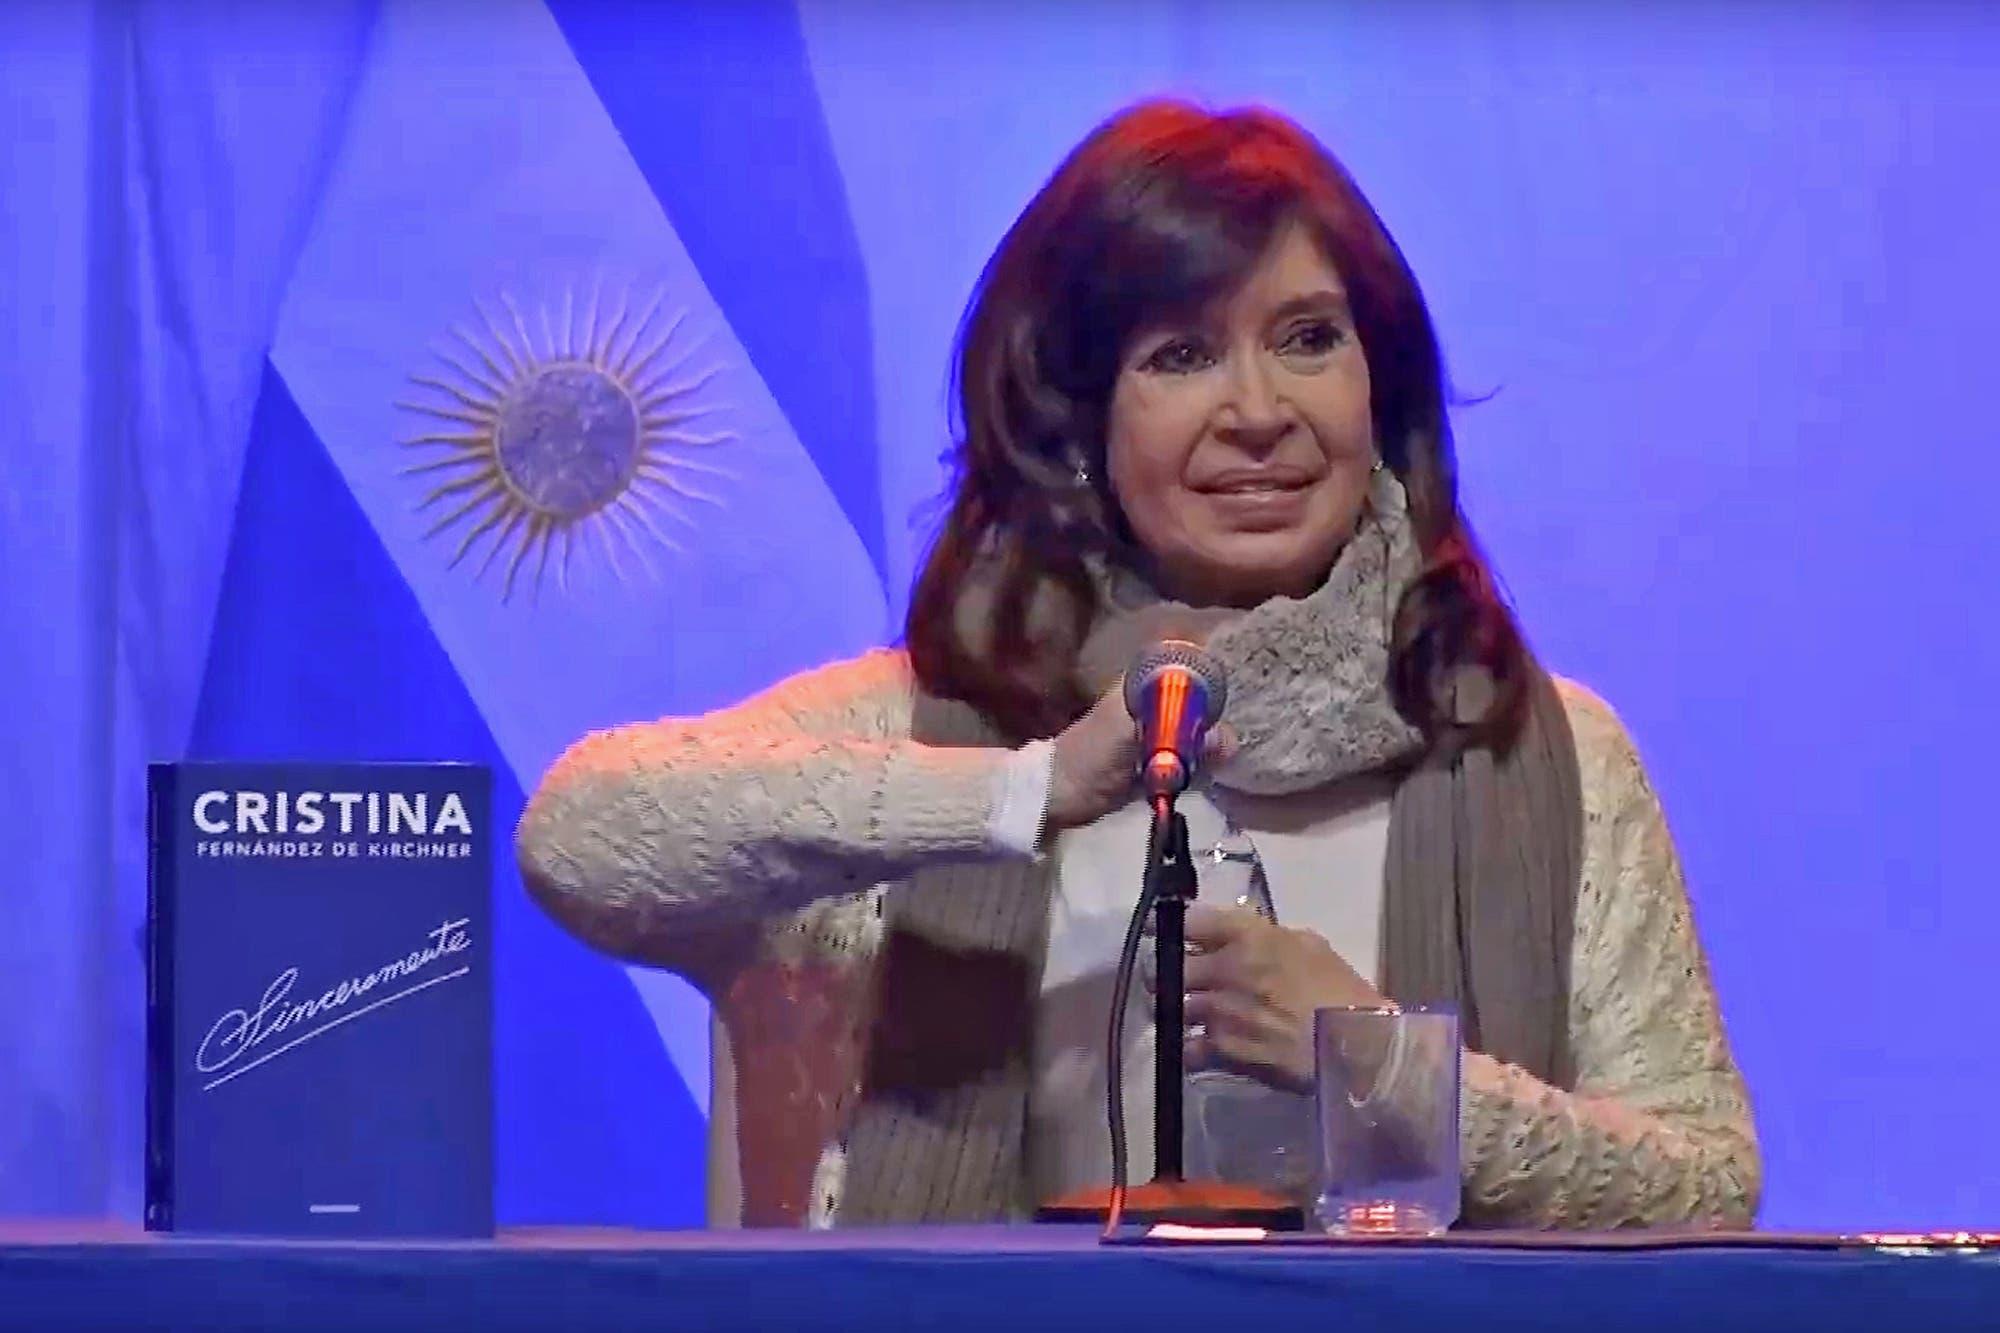 """Cristina Kirchner: """"Éstos son malos capitalistas, conmigo sí había capitalismo"""""""